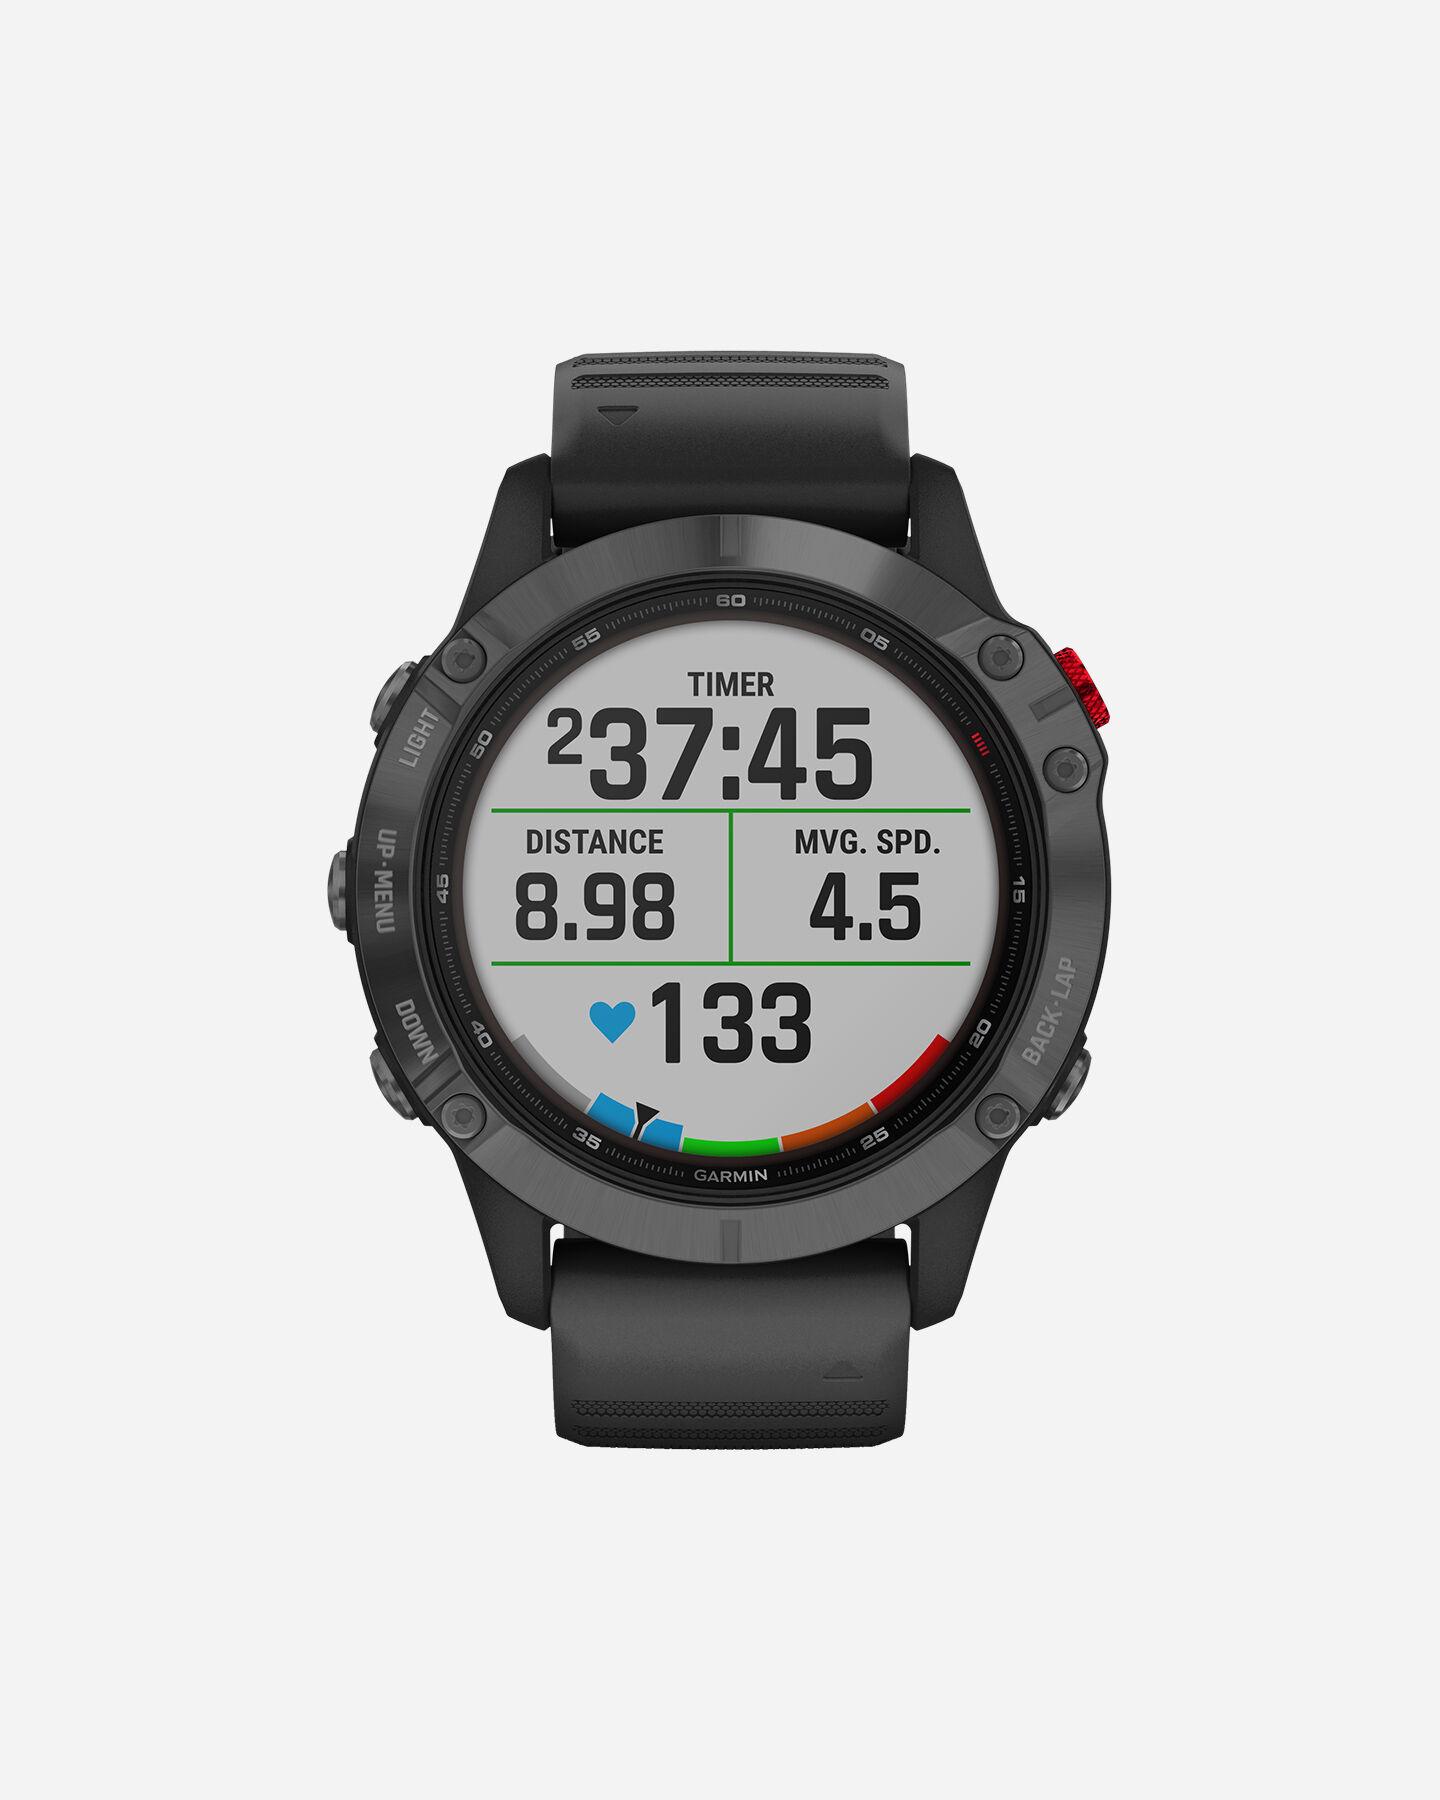 Orologio multifunzione GARMIN FENIX 6 PRO SOLAR S4086019 15 UNI scatto 0